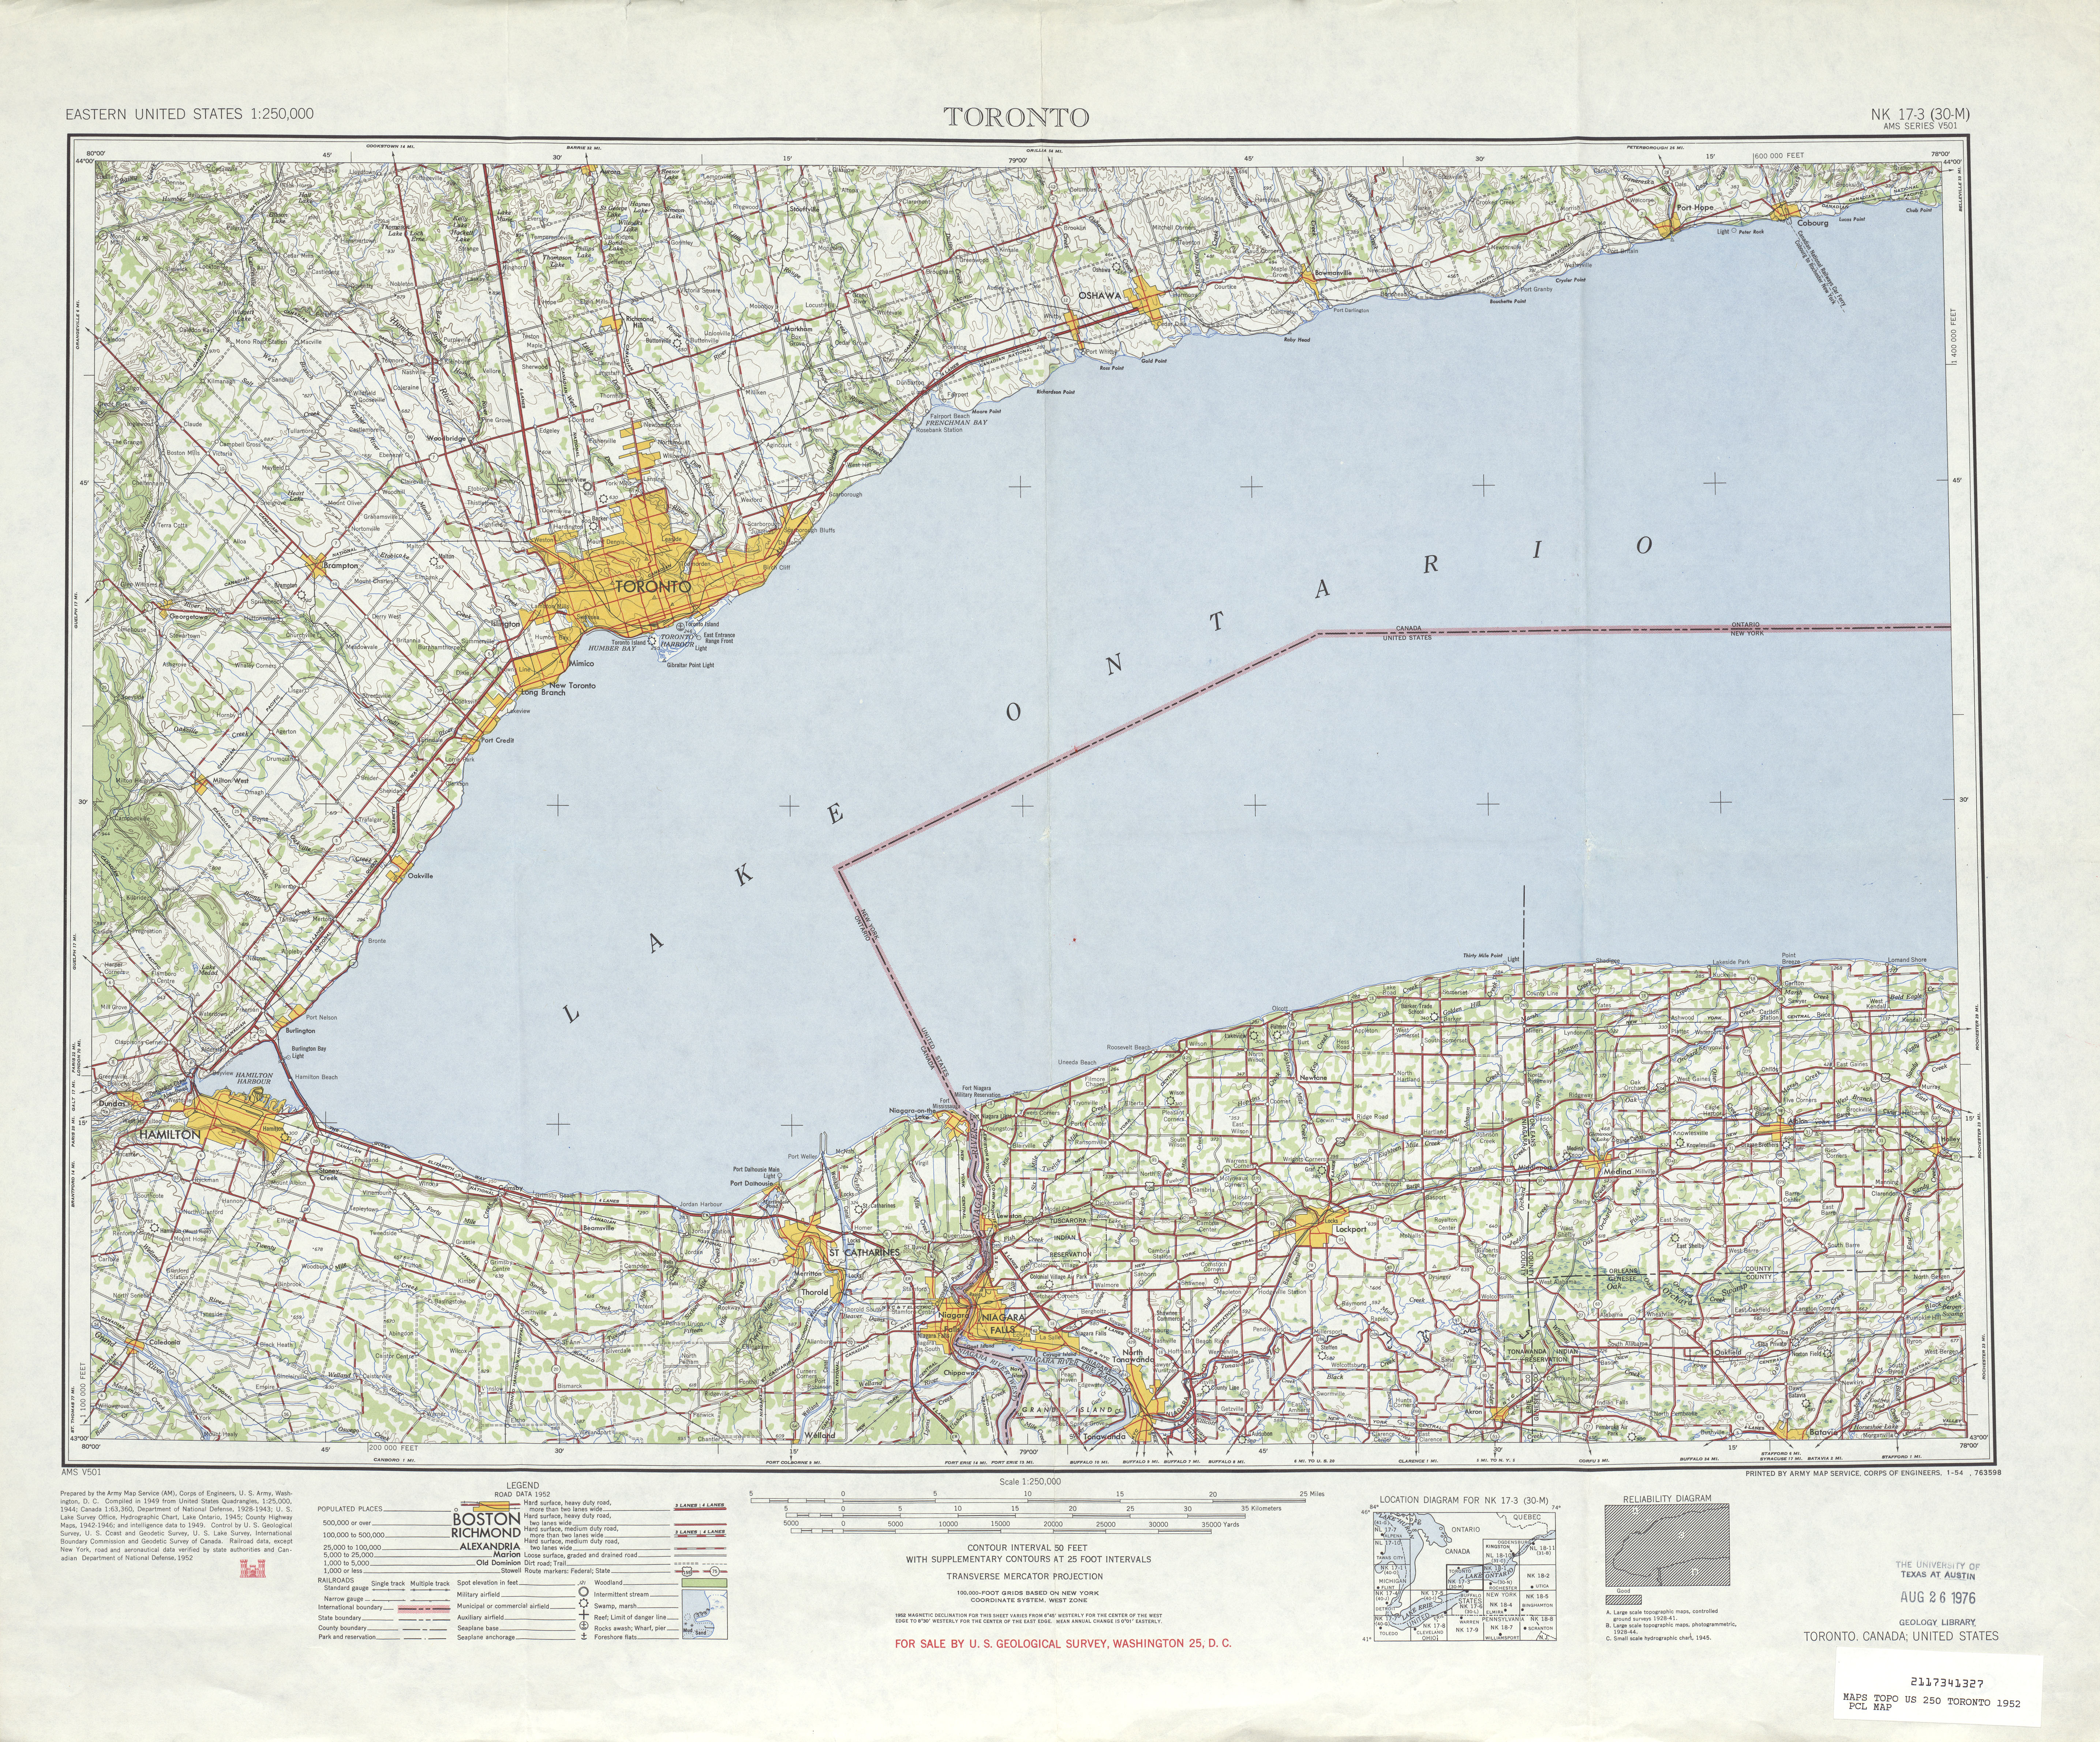 Hoja Toronto del Mapa Topográfico de los Estados Unidos 1952